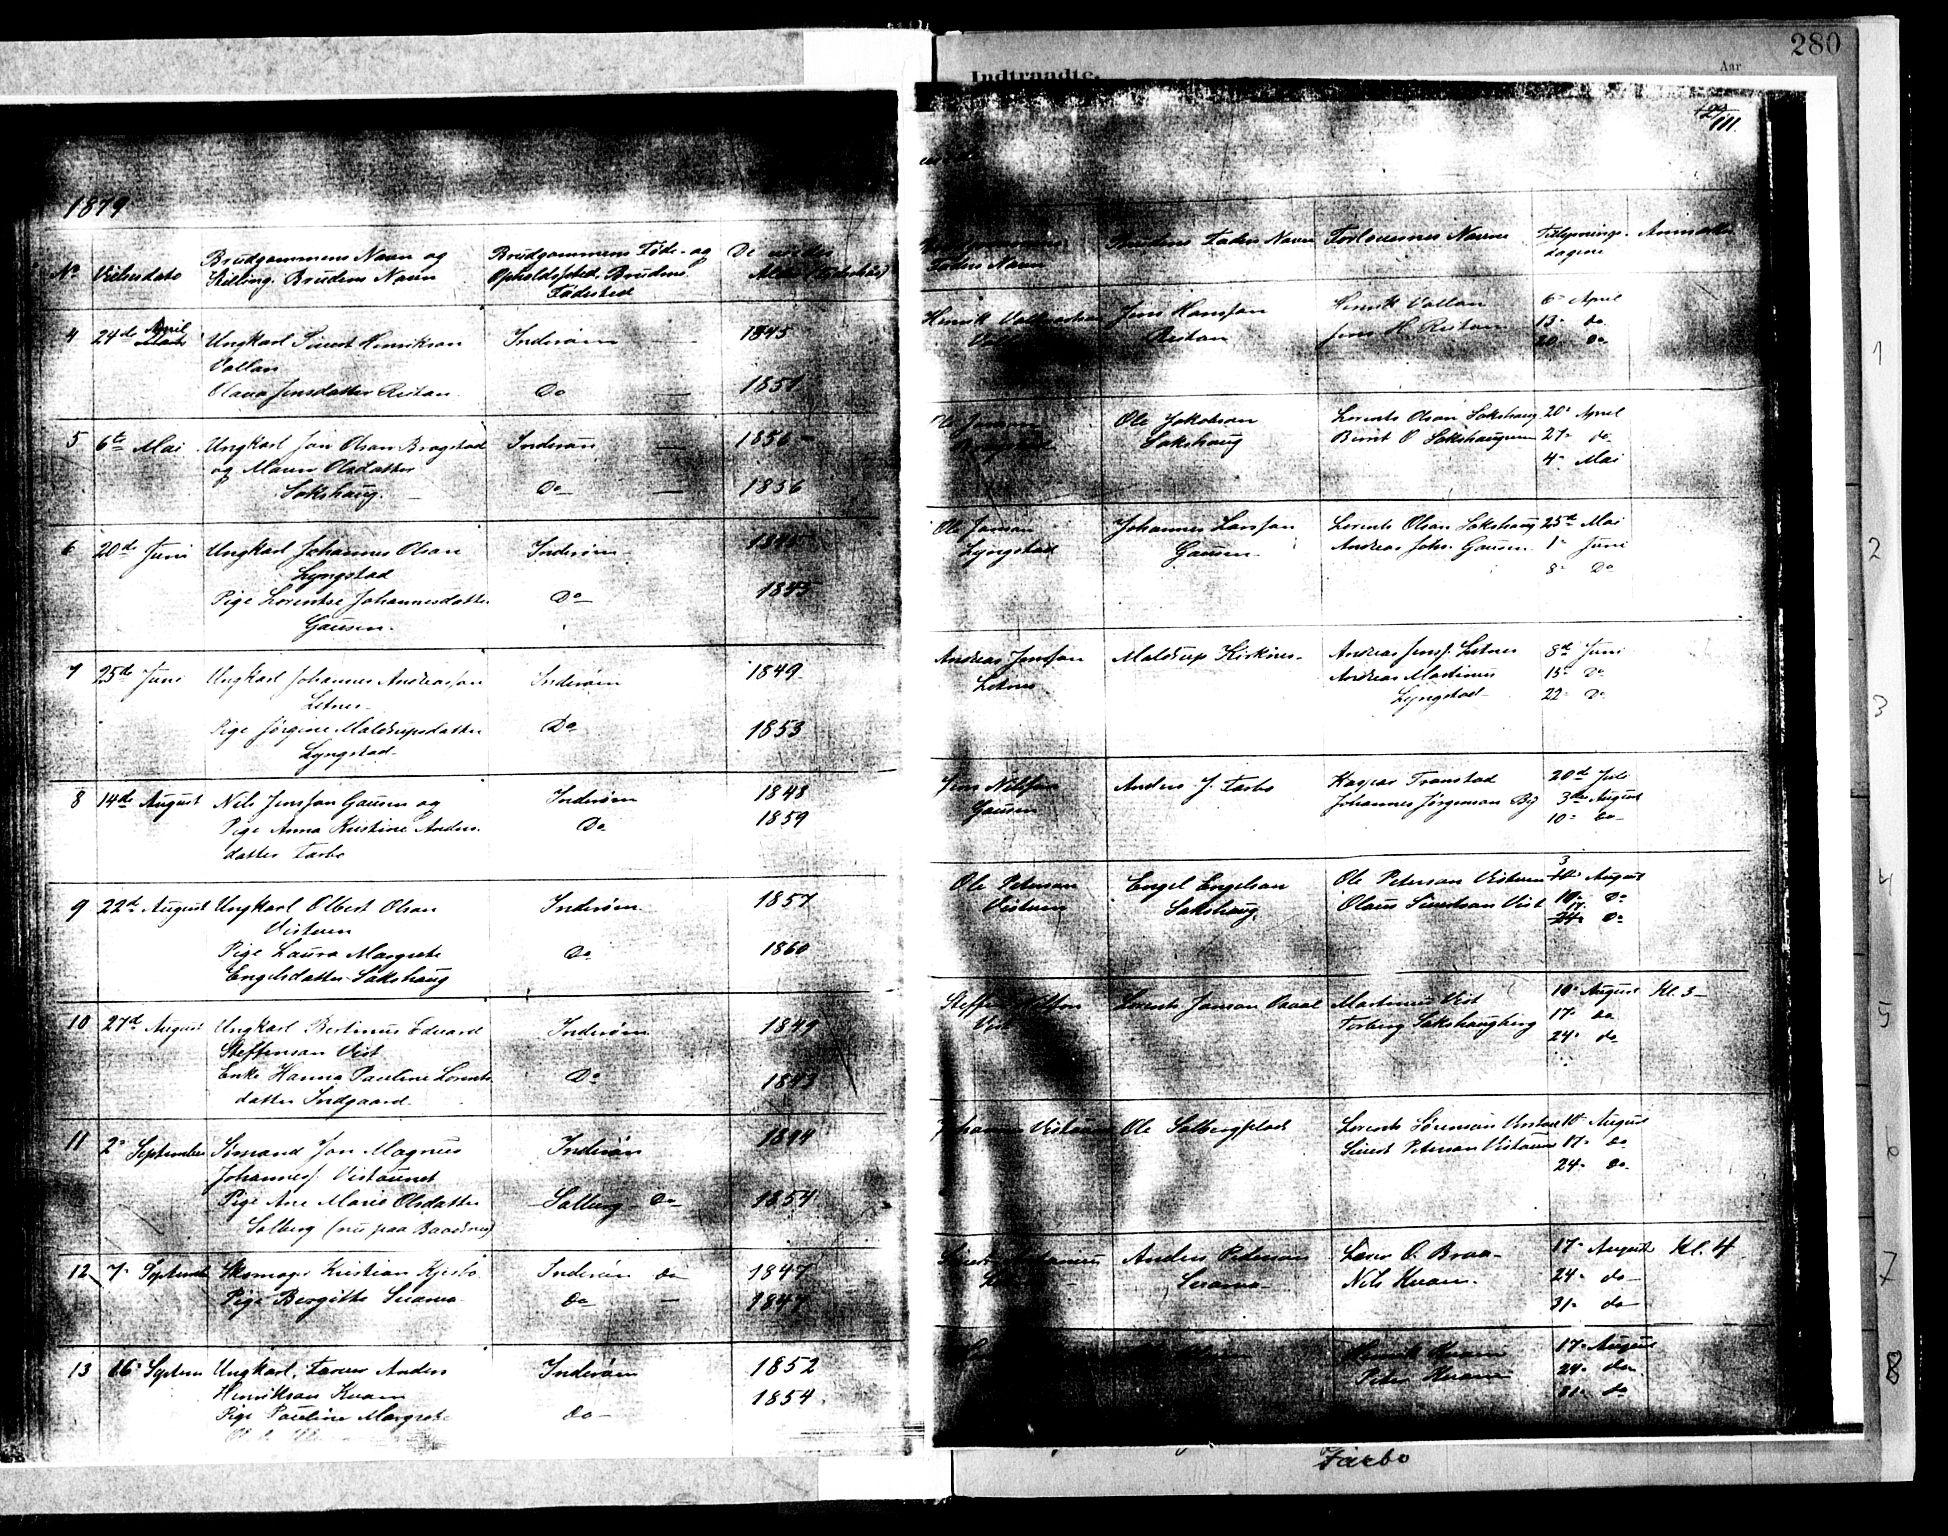 SAT, Ministerialprotokoller, klokkerbøker og fødselsregistre - Nord-Trøndelag, 730/L0285: Ministerialbok nr. 730A10, 1879-1914, s. 111